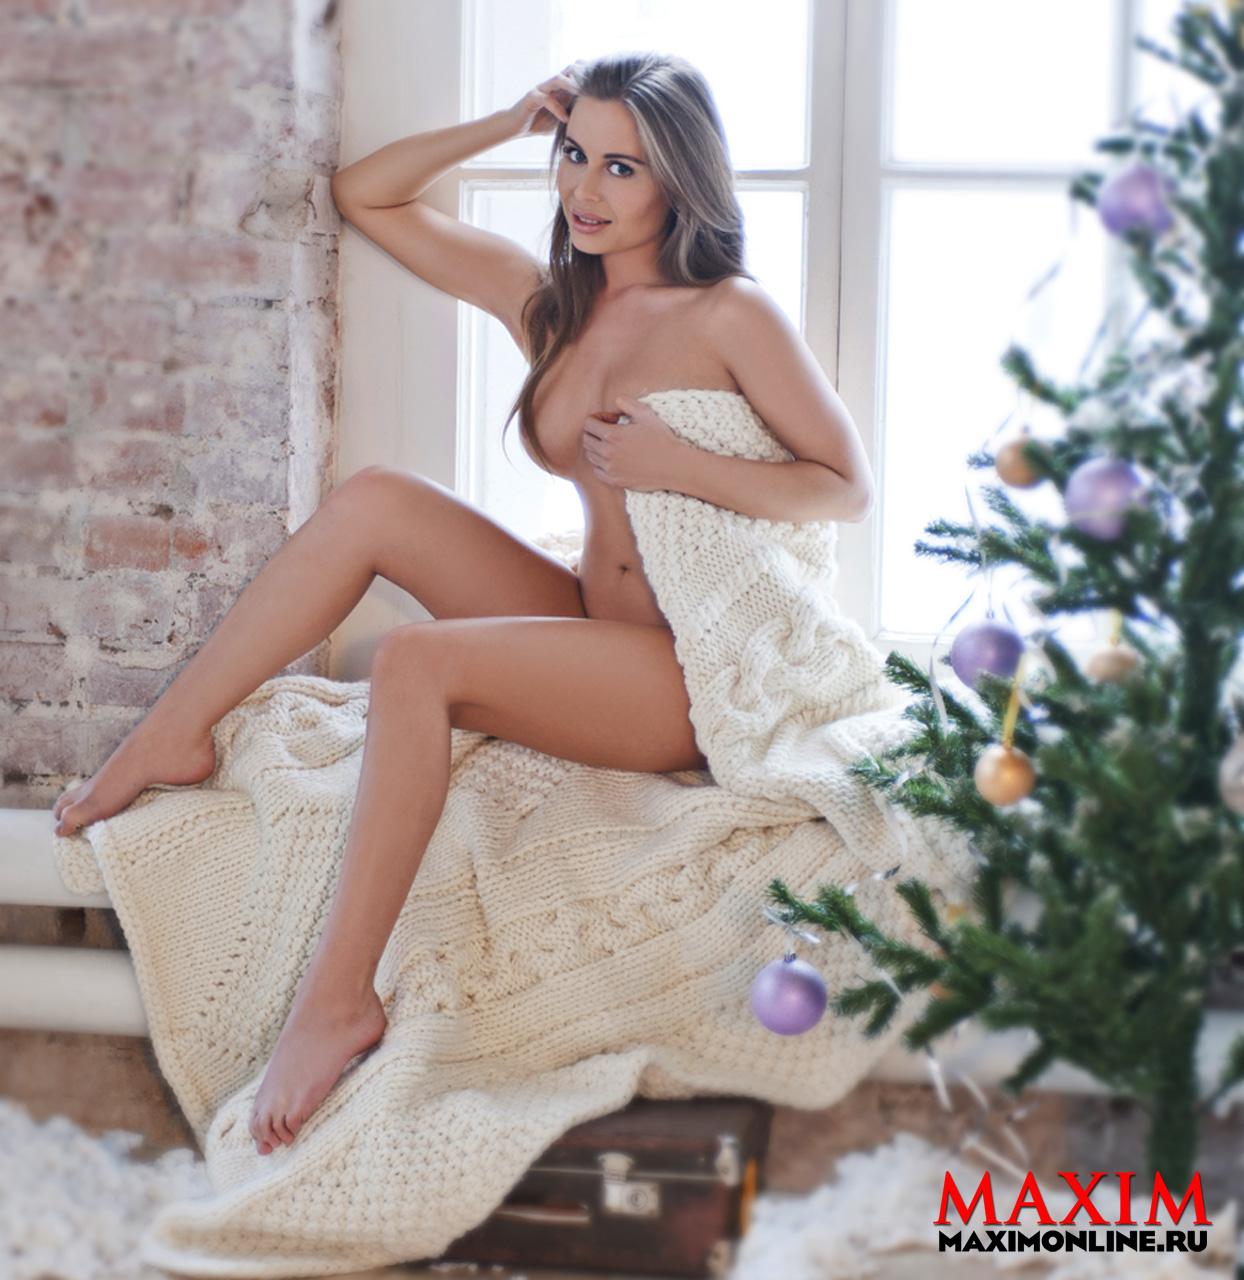 Юлия михалкова голая полностью фотки 16 фотография